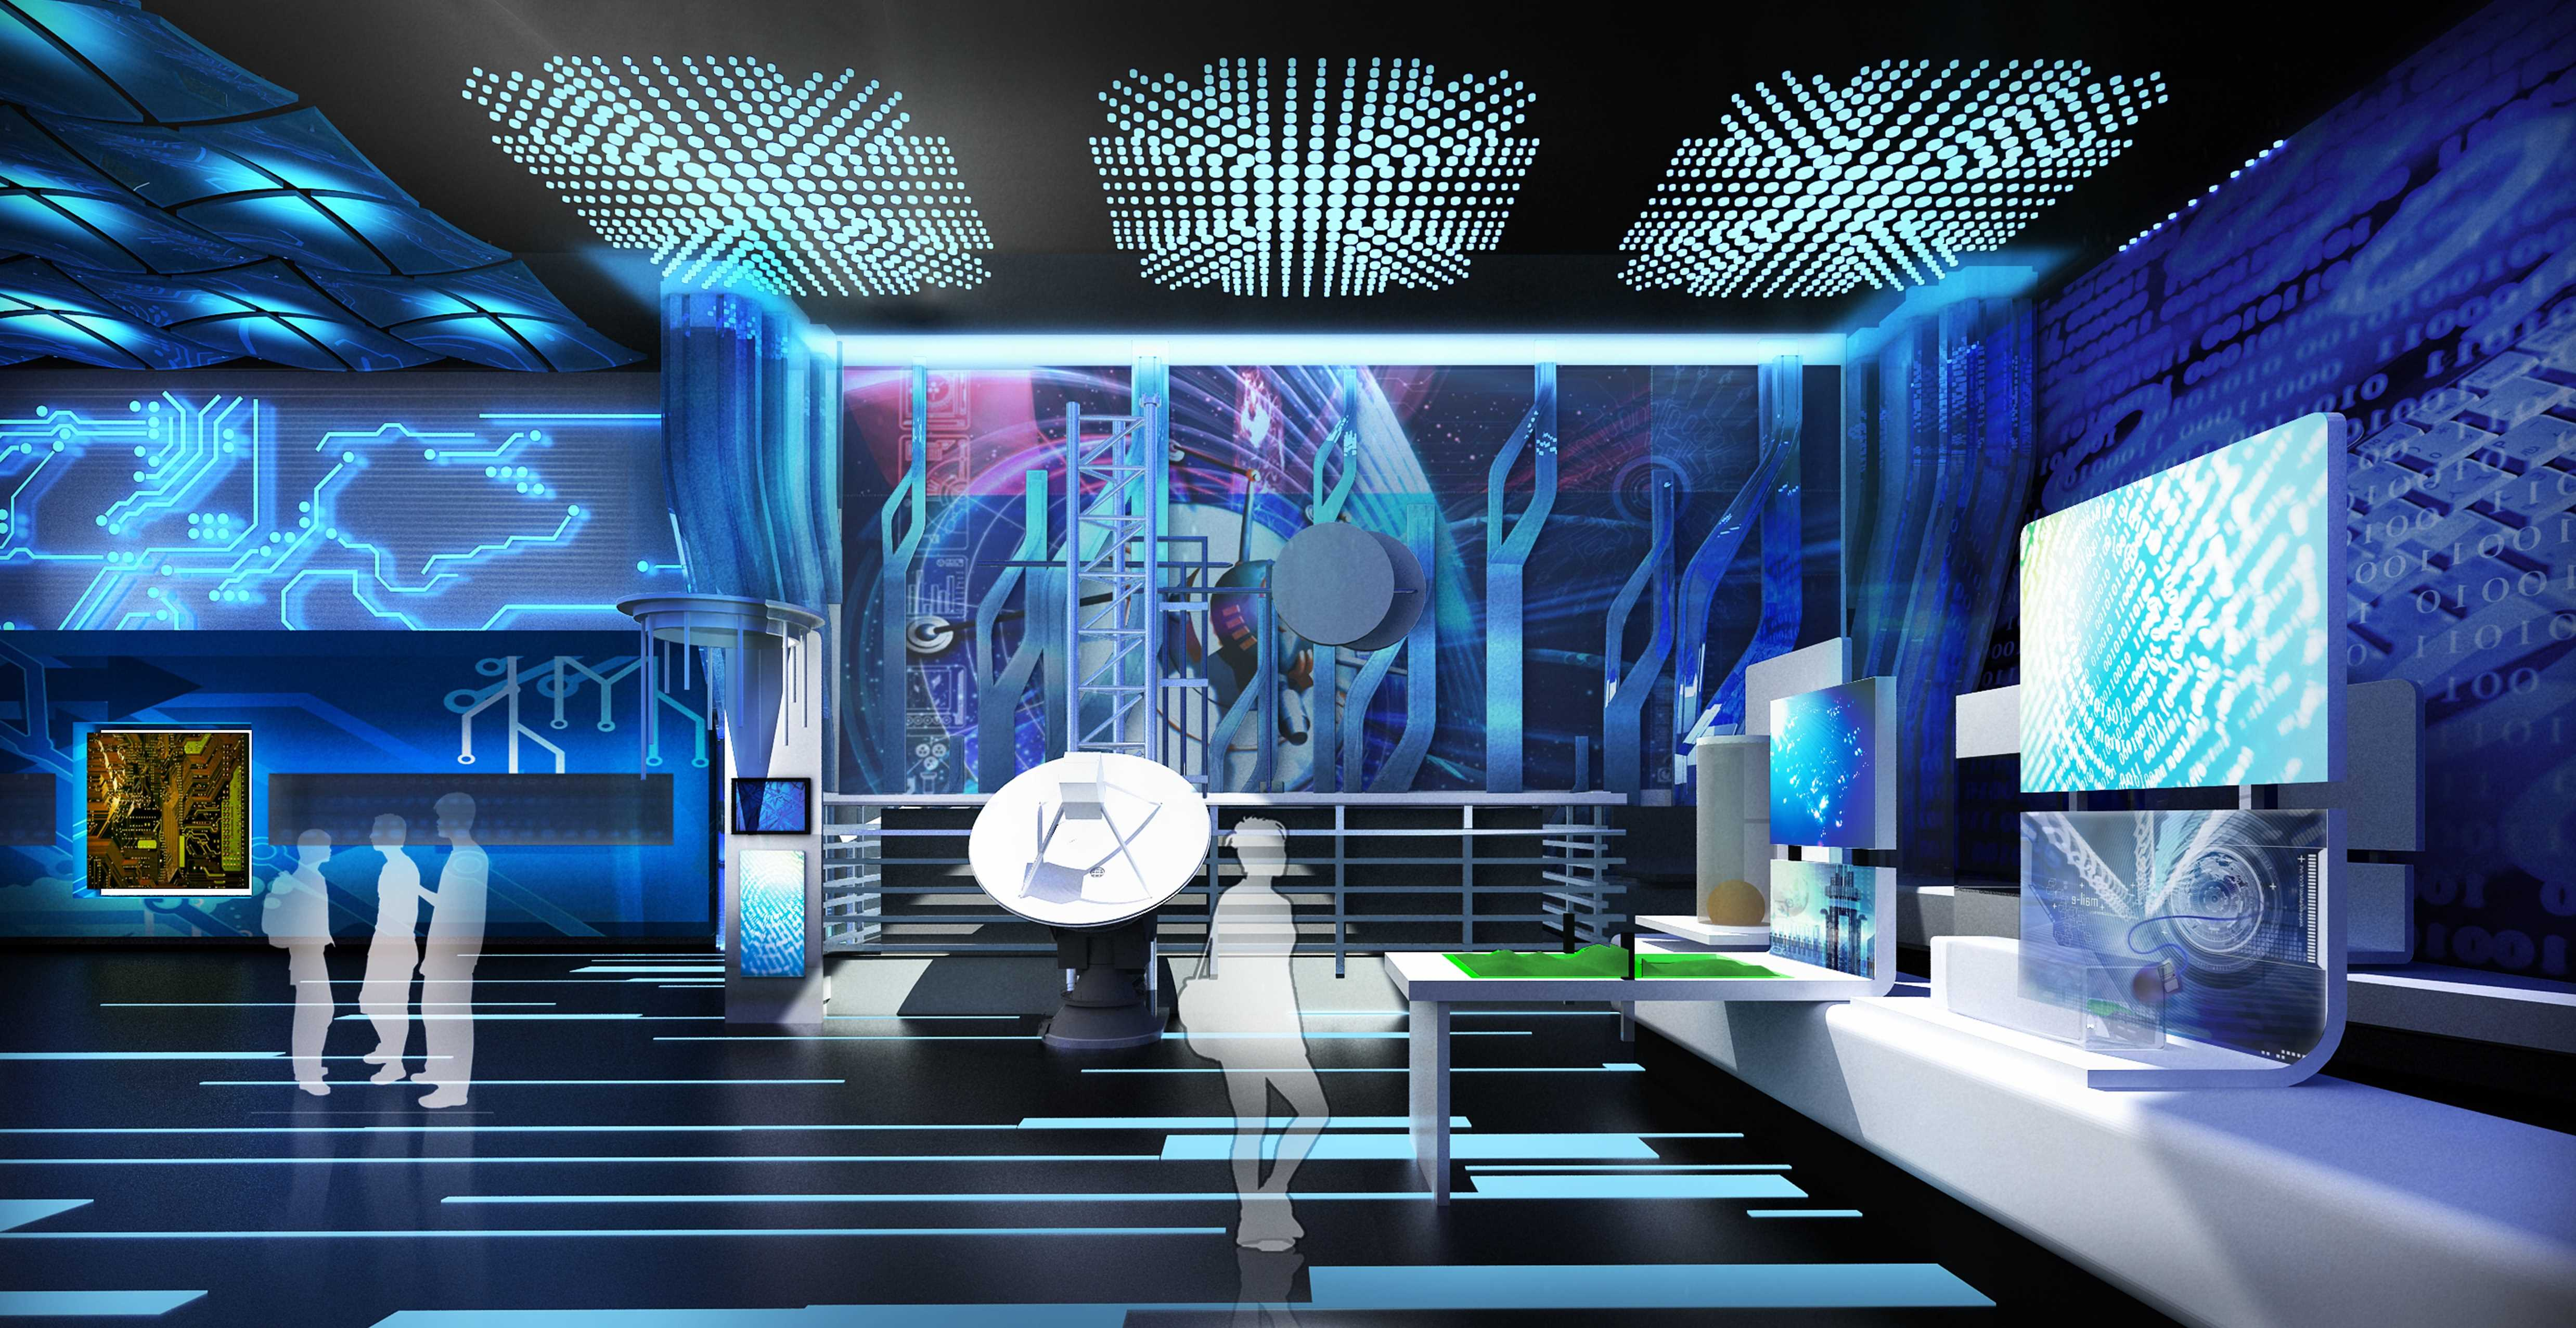 科技生活展馆设计7